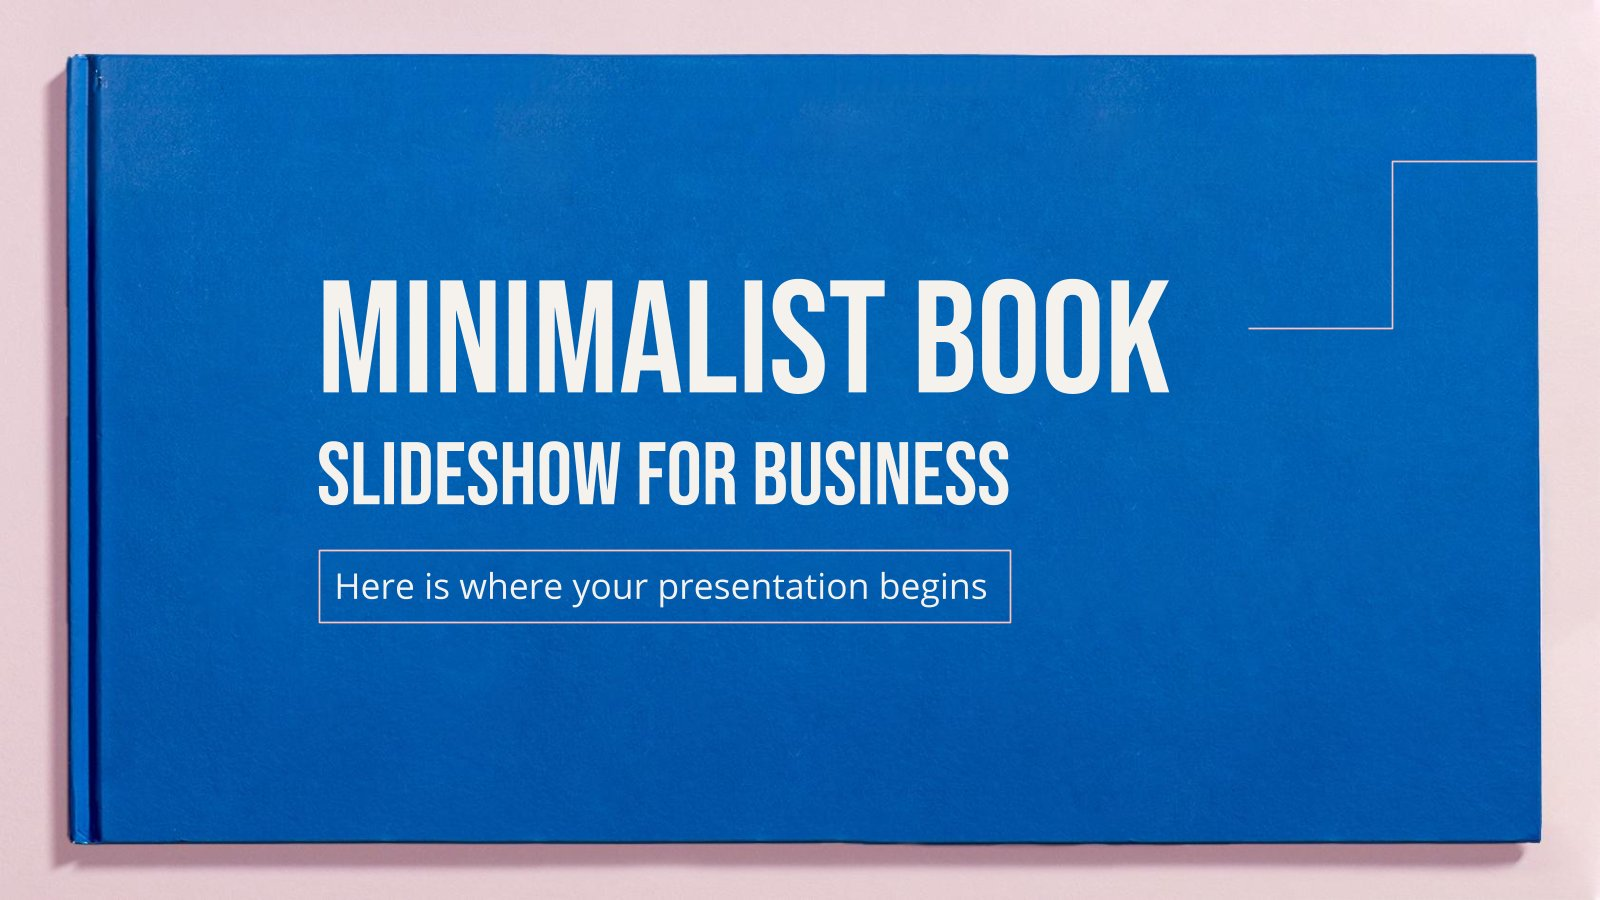 Minimalistische Buch-Diashow für Unternehmen Präsentationsvorlage